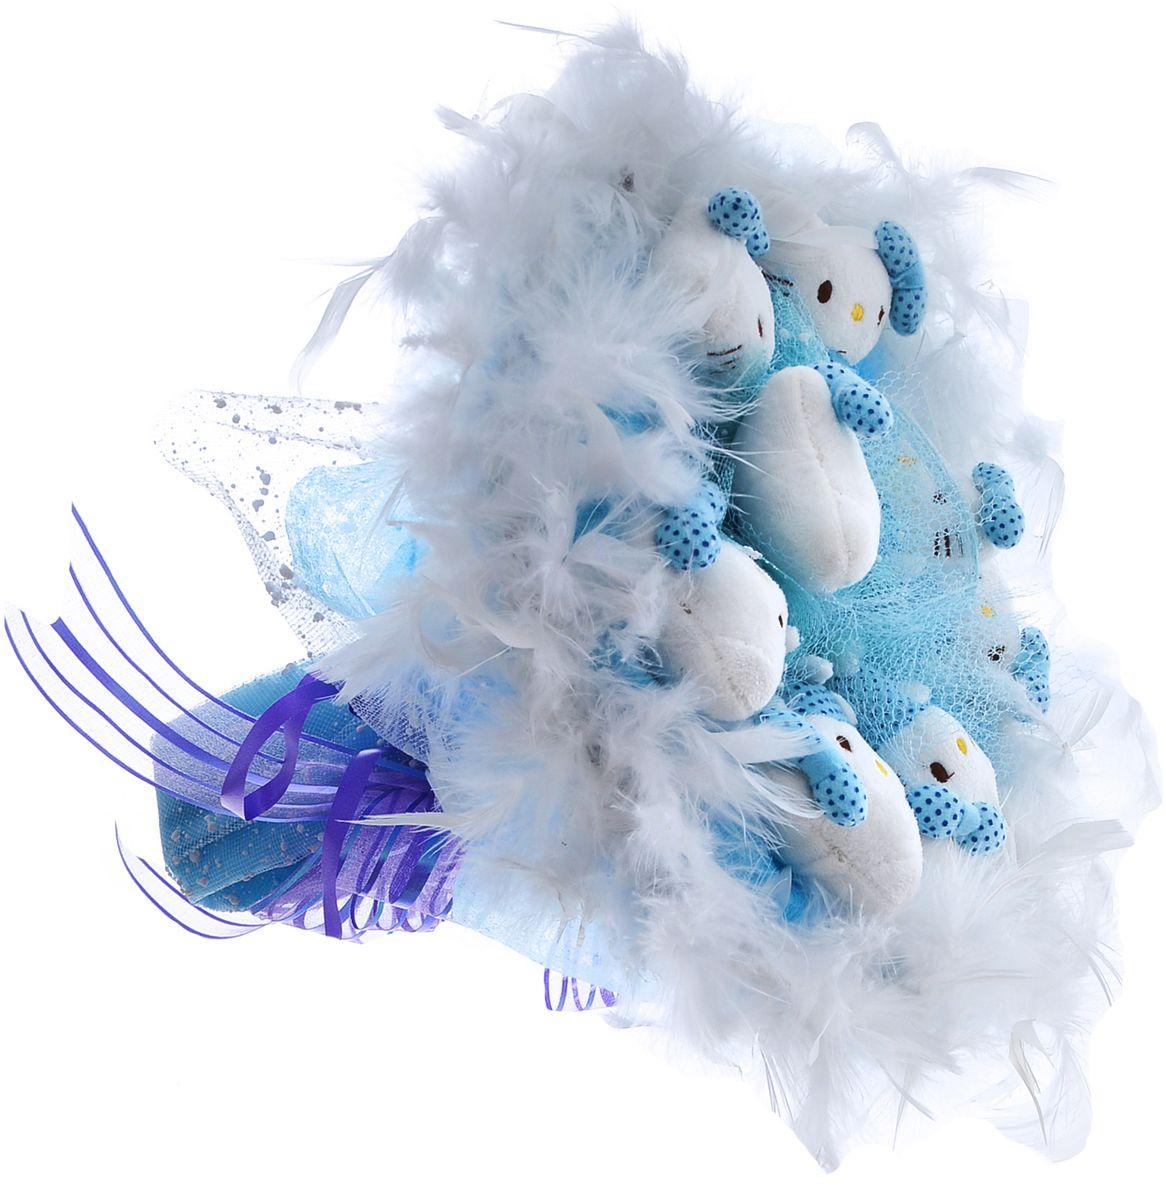 Букет из 9 мягких милых Кити упакован в мягкую струящуюся органзу голубого цвета с добавлением флористической сетки, декорирован великолепным пышным боа по краю букета и перевязан широкой атласной лентой с добавлением серебристой парчовой тесьмы.  Мягкие игрушки, оформленные в букет – приятный подарок для любимой, для мамы, подруги или для ребенка. Оригинальные букеты торговой марки Toy Bouquet из мягких игрушек прекрасно подойдут для многих праздников: День Святого Валентина, 8 марта, день рождения, выпускной, а также на другие памятные даты или годовщины.